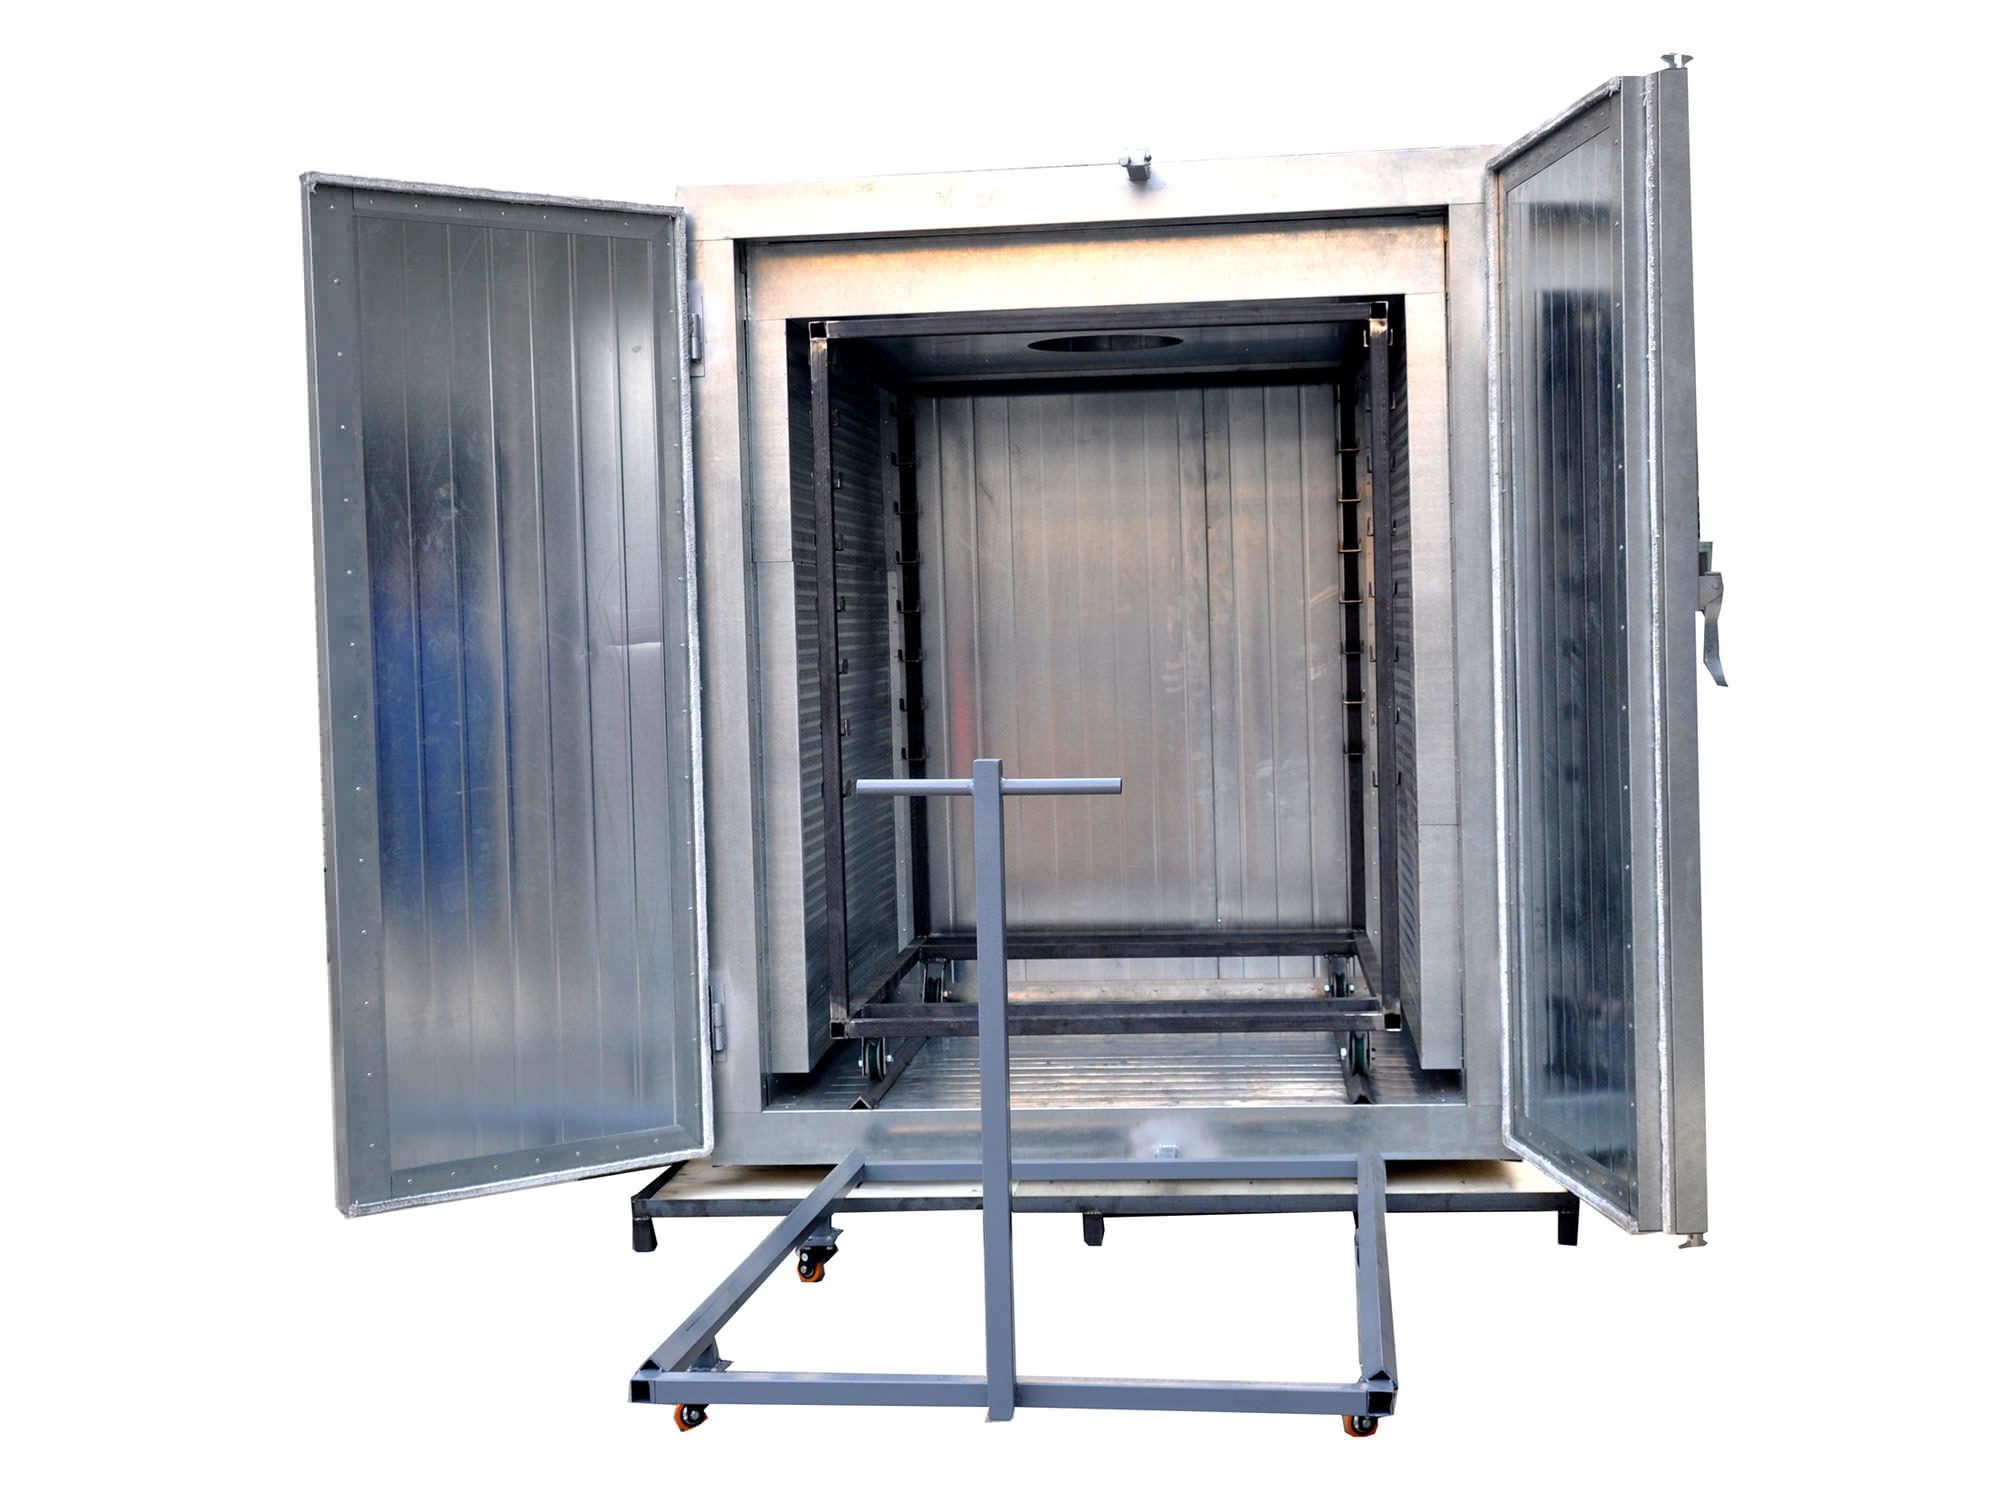 Vernice Per Cabina Armadio : Forno per essiccazione di verniciatura a polvere a carrello a